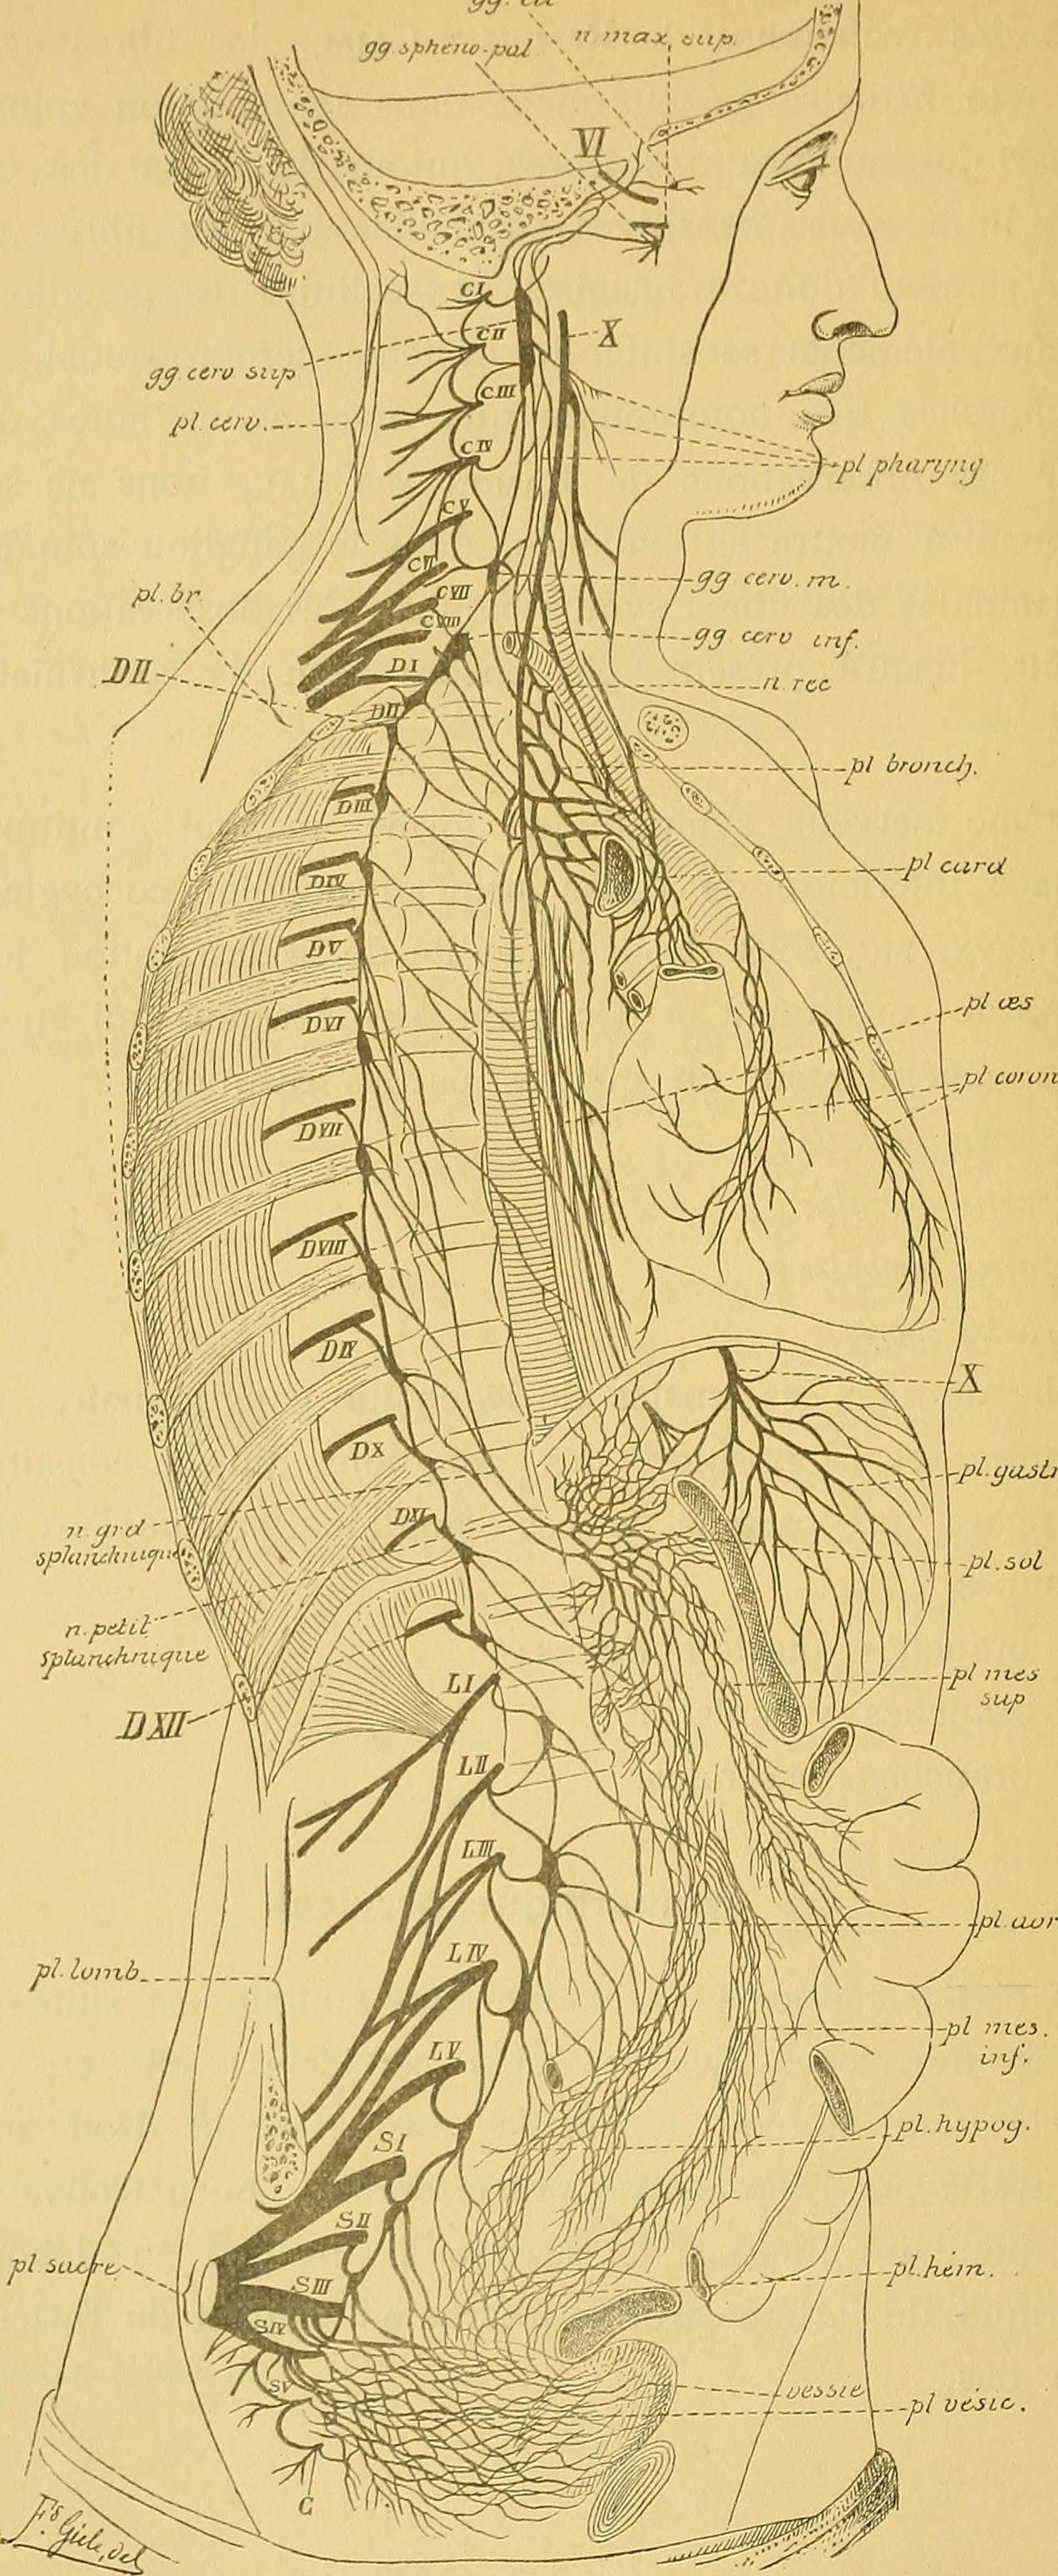 Le système nerveux de l'homme - leçons professées à l'Université de Louvain (1893) (14742486906).jpg